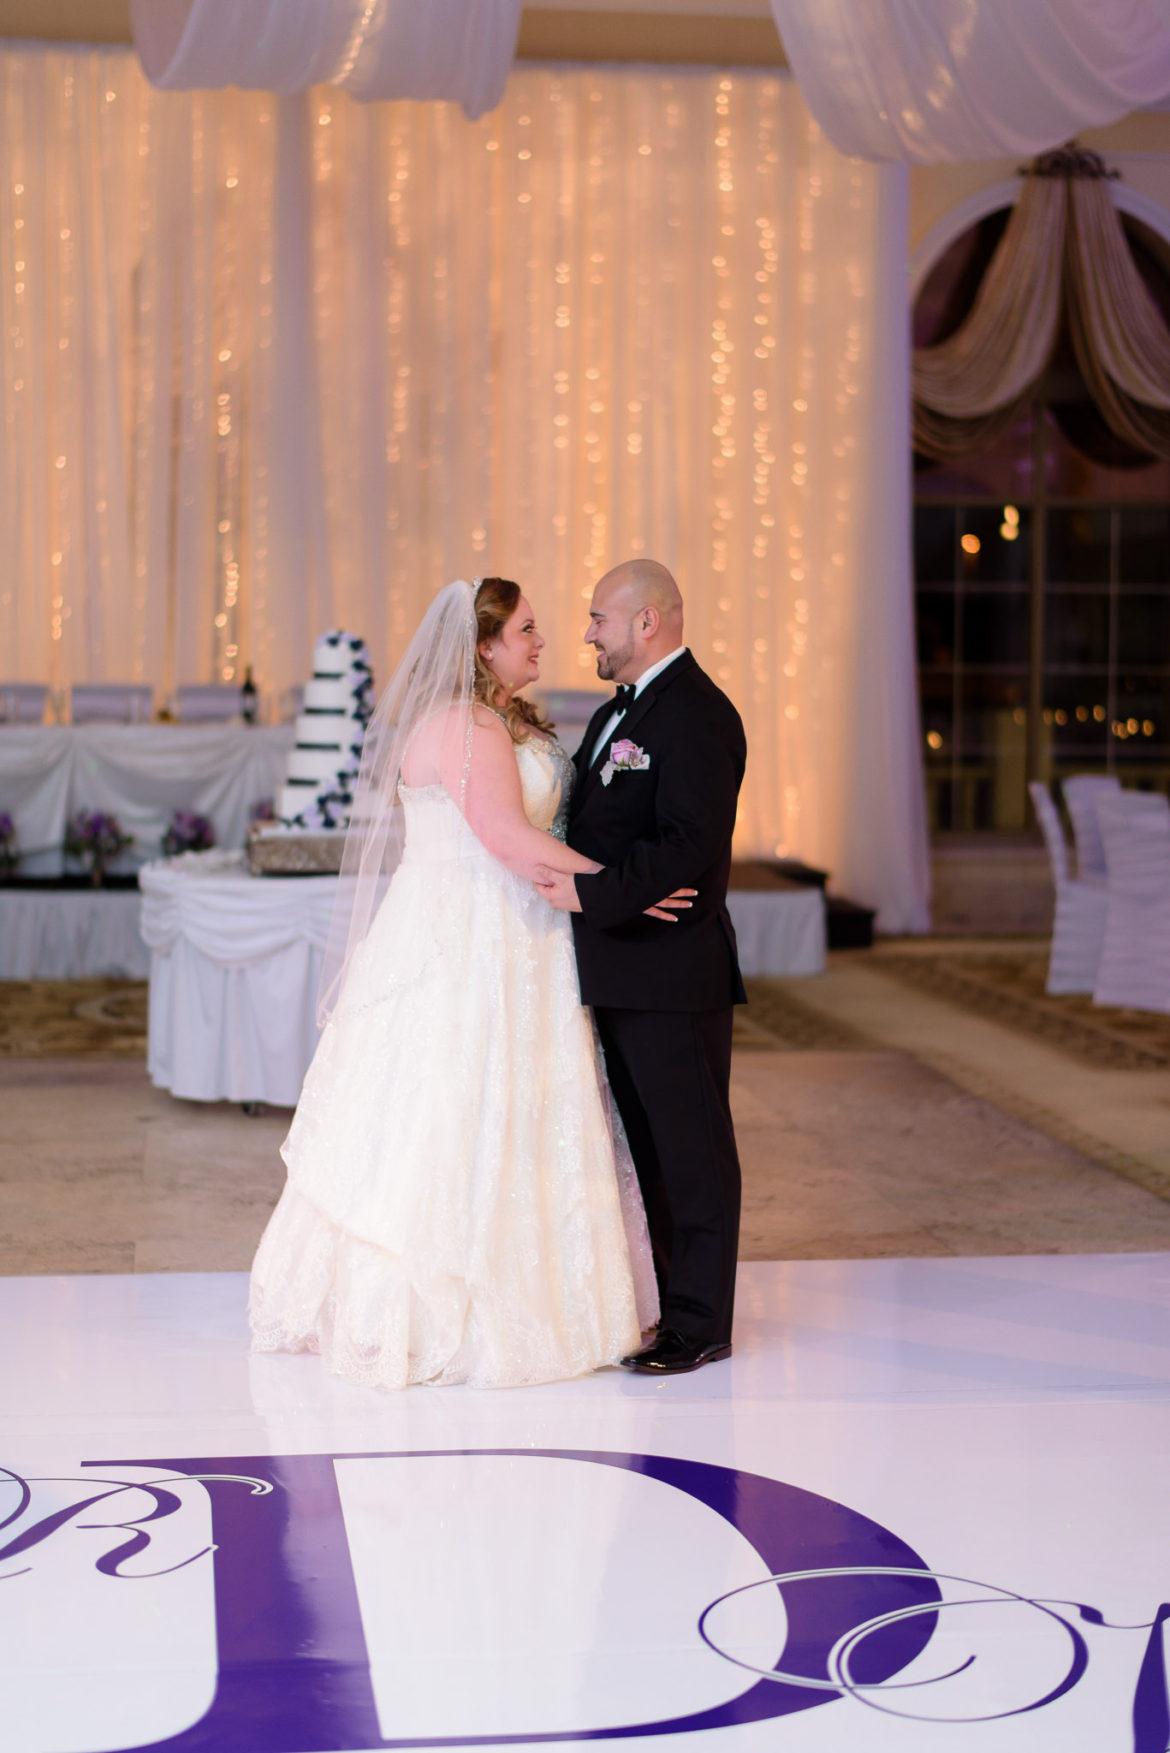 Elegant_Event_Lighting_Chicago_Venutis_Addison_Wedding_Dance_White_Dance_Floor_Twinkle_Light_Backdrop